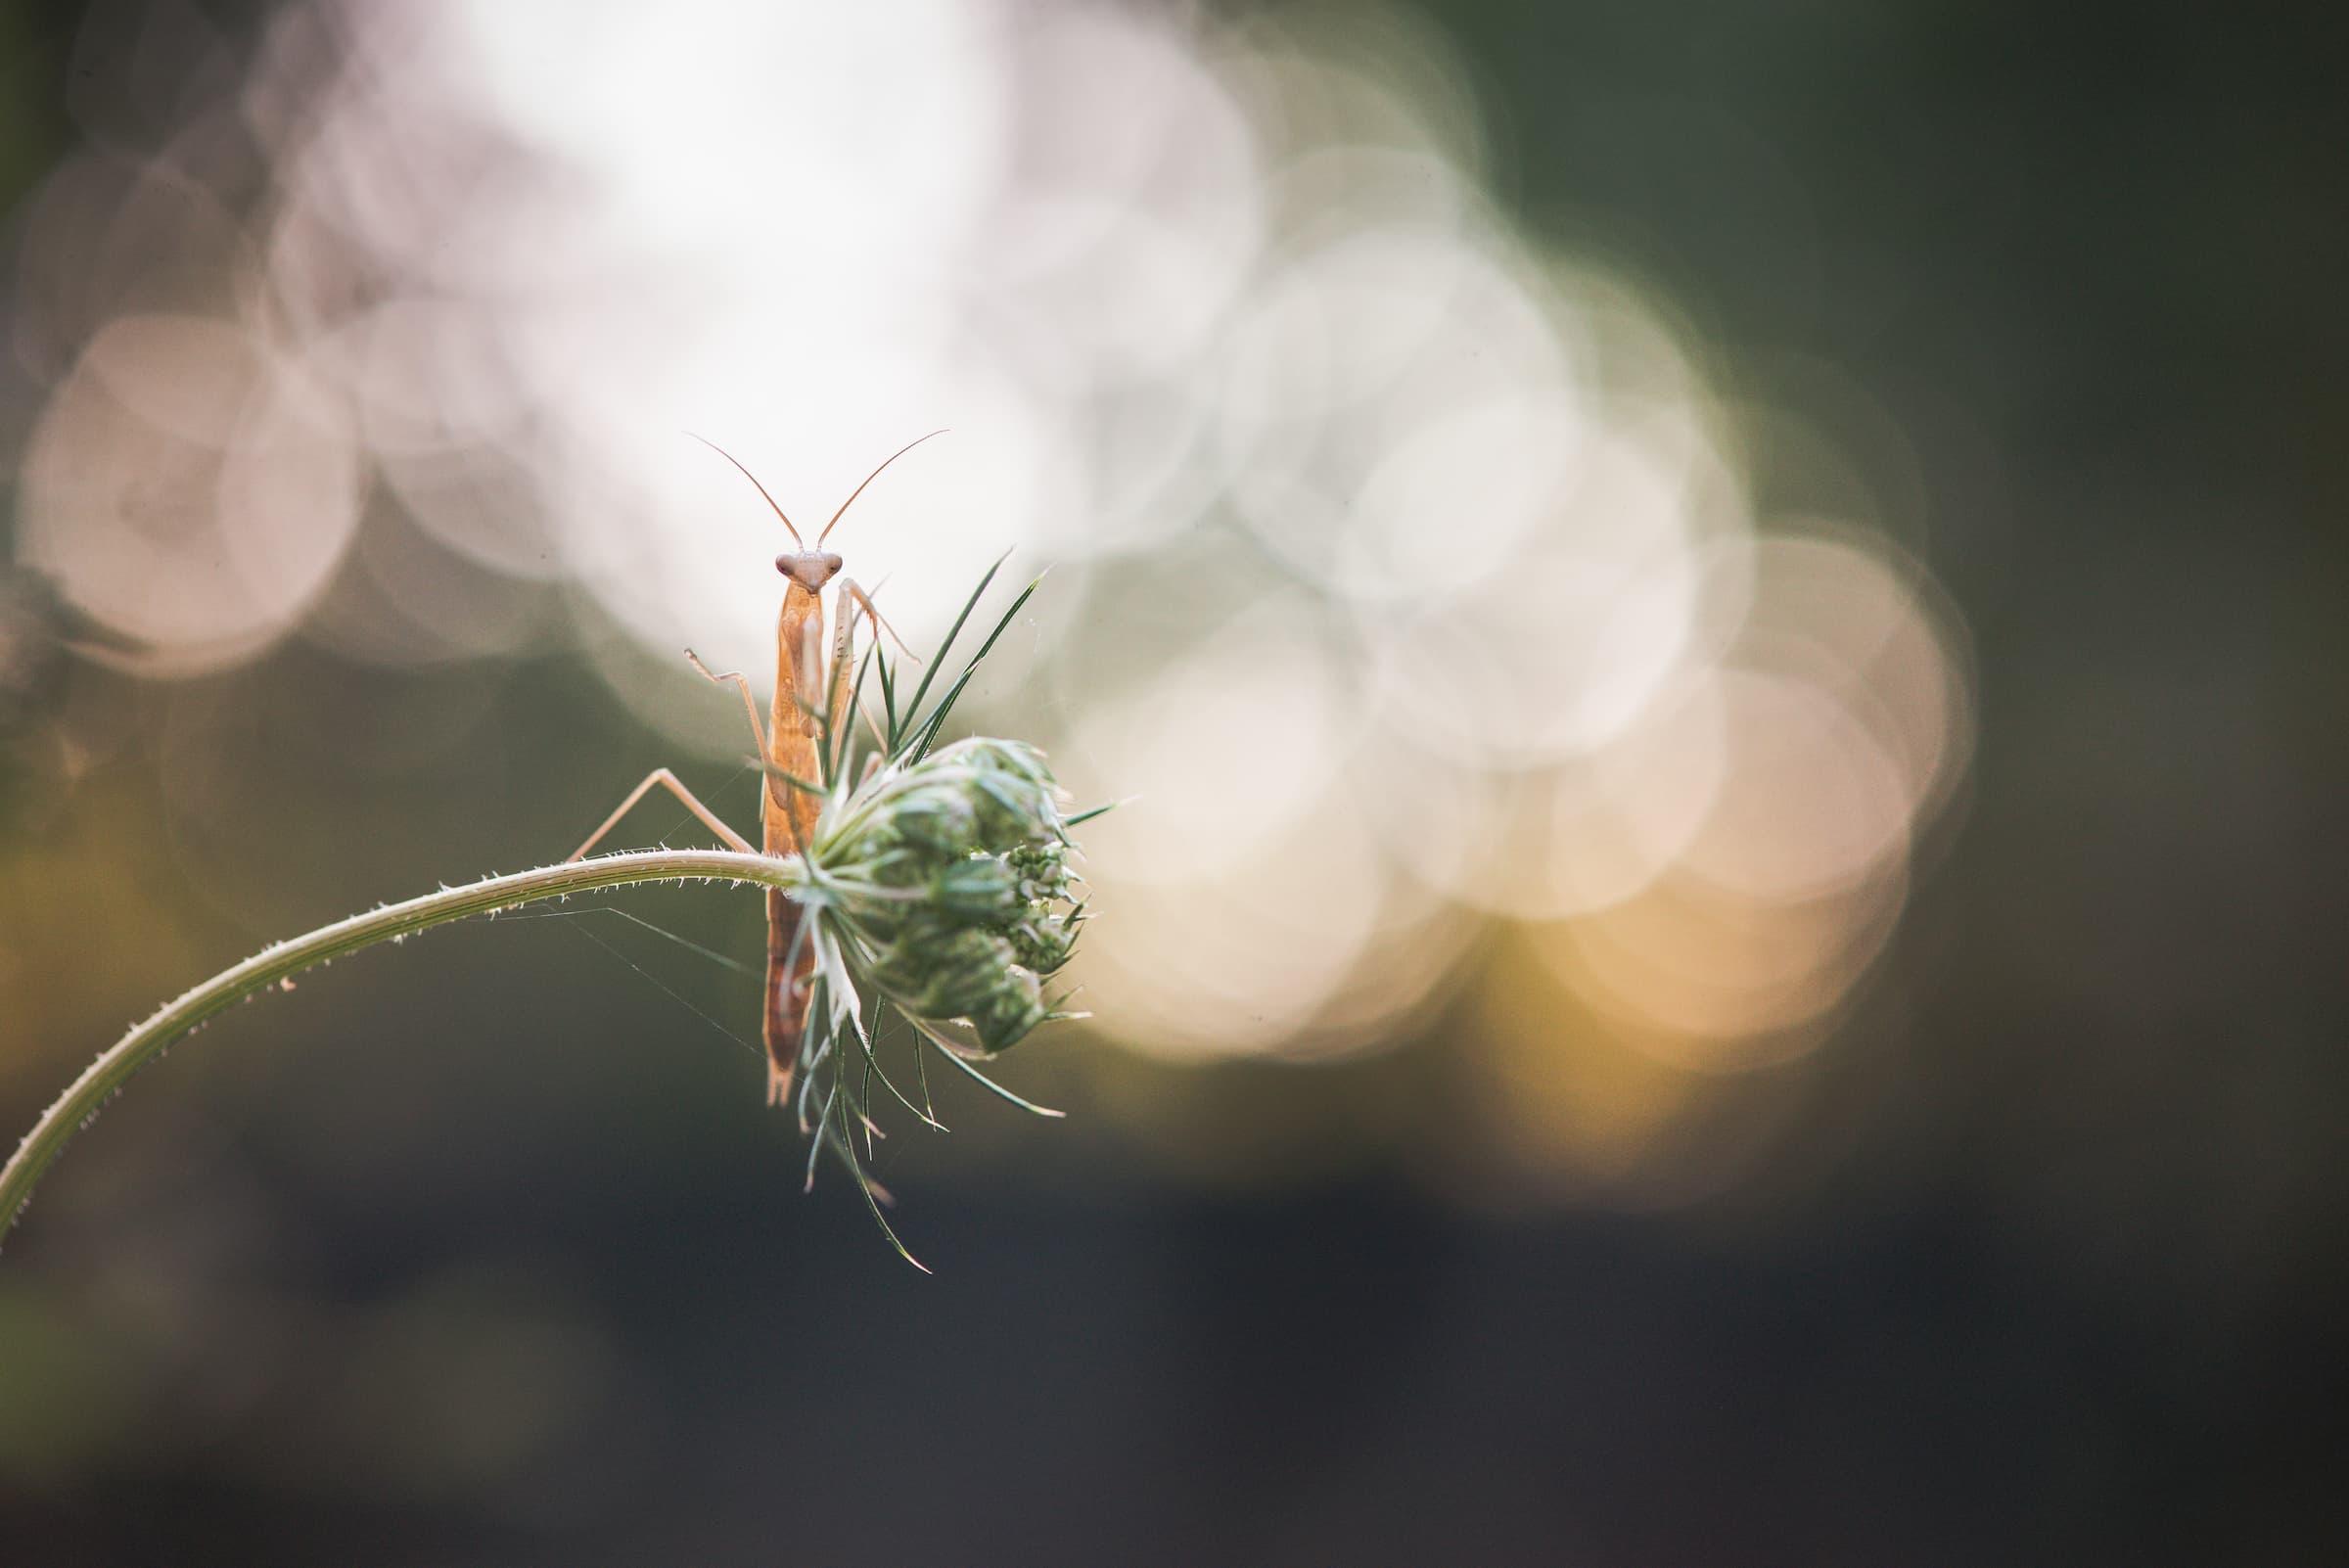 christelle-saffroy-photographie-nature-04